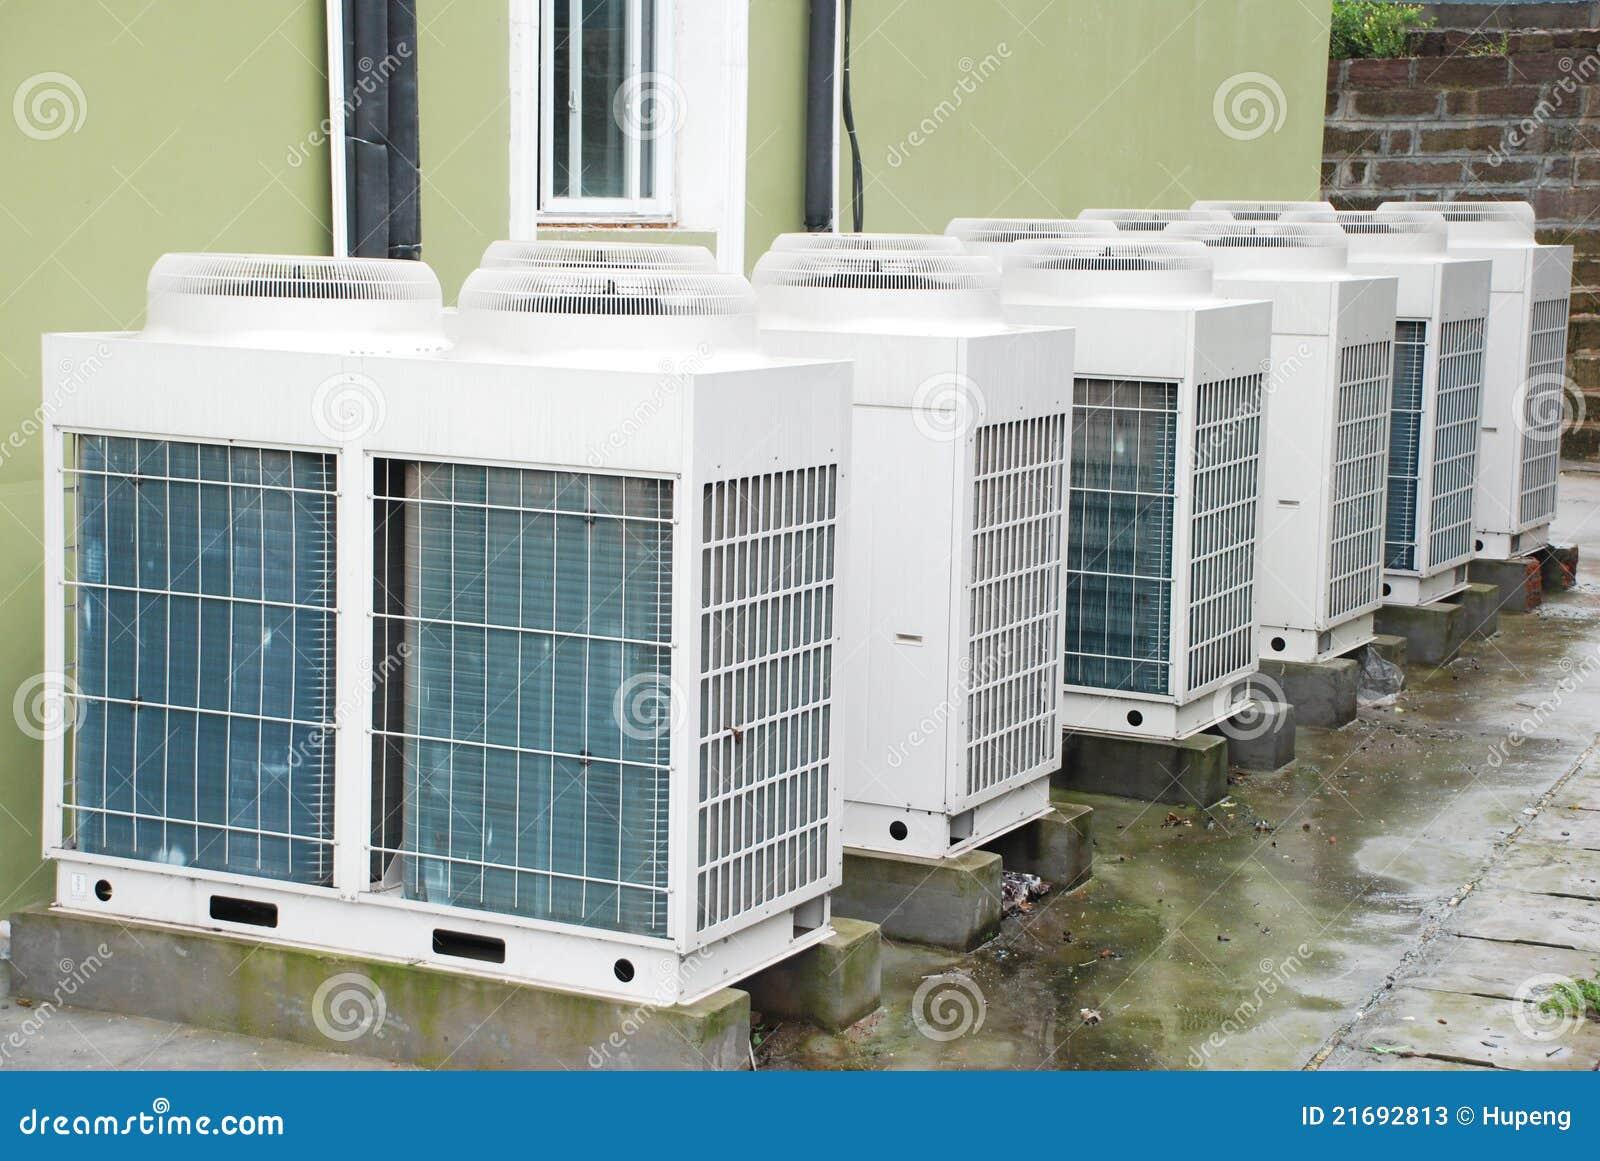 Air Conditioner Unit Stock Photos Image: 21692813 #777F4C